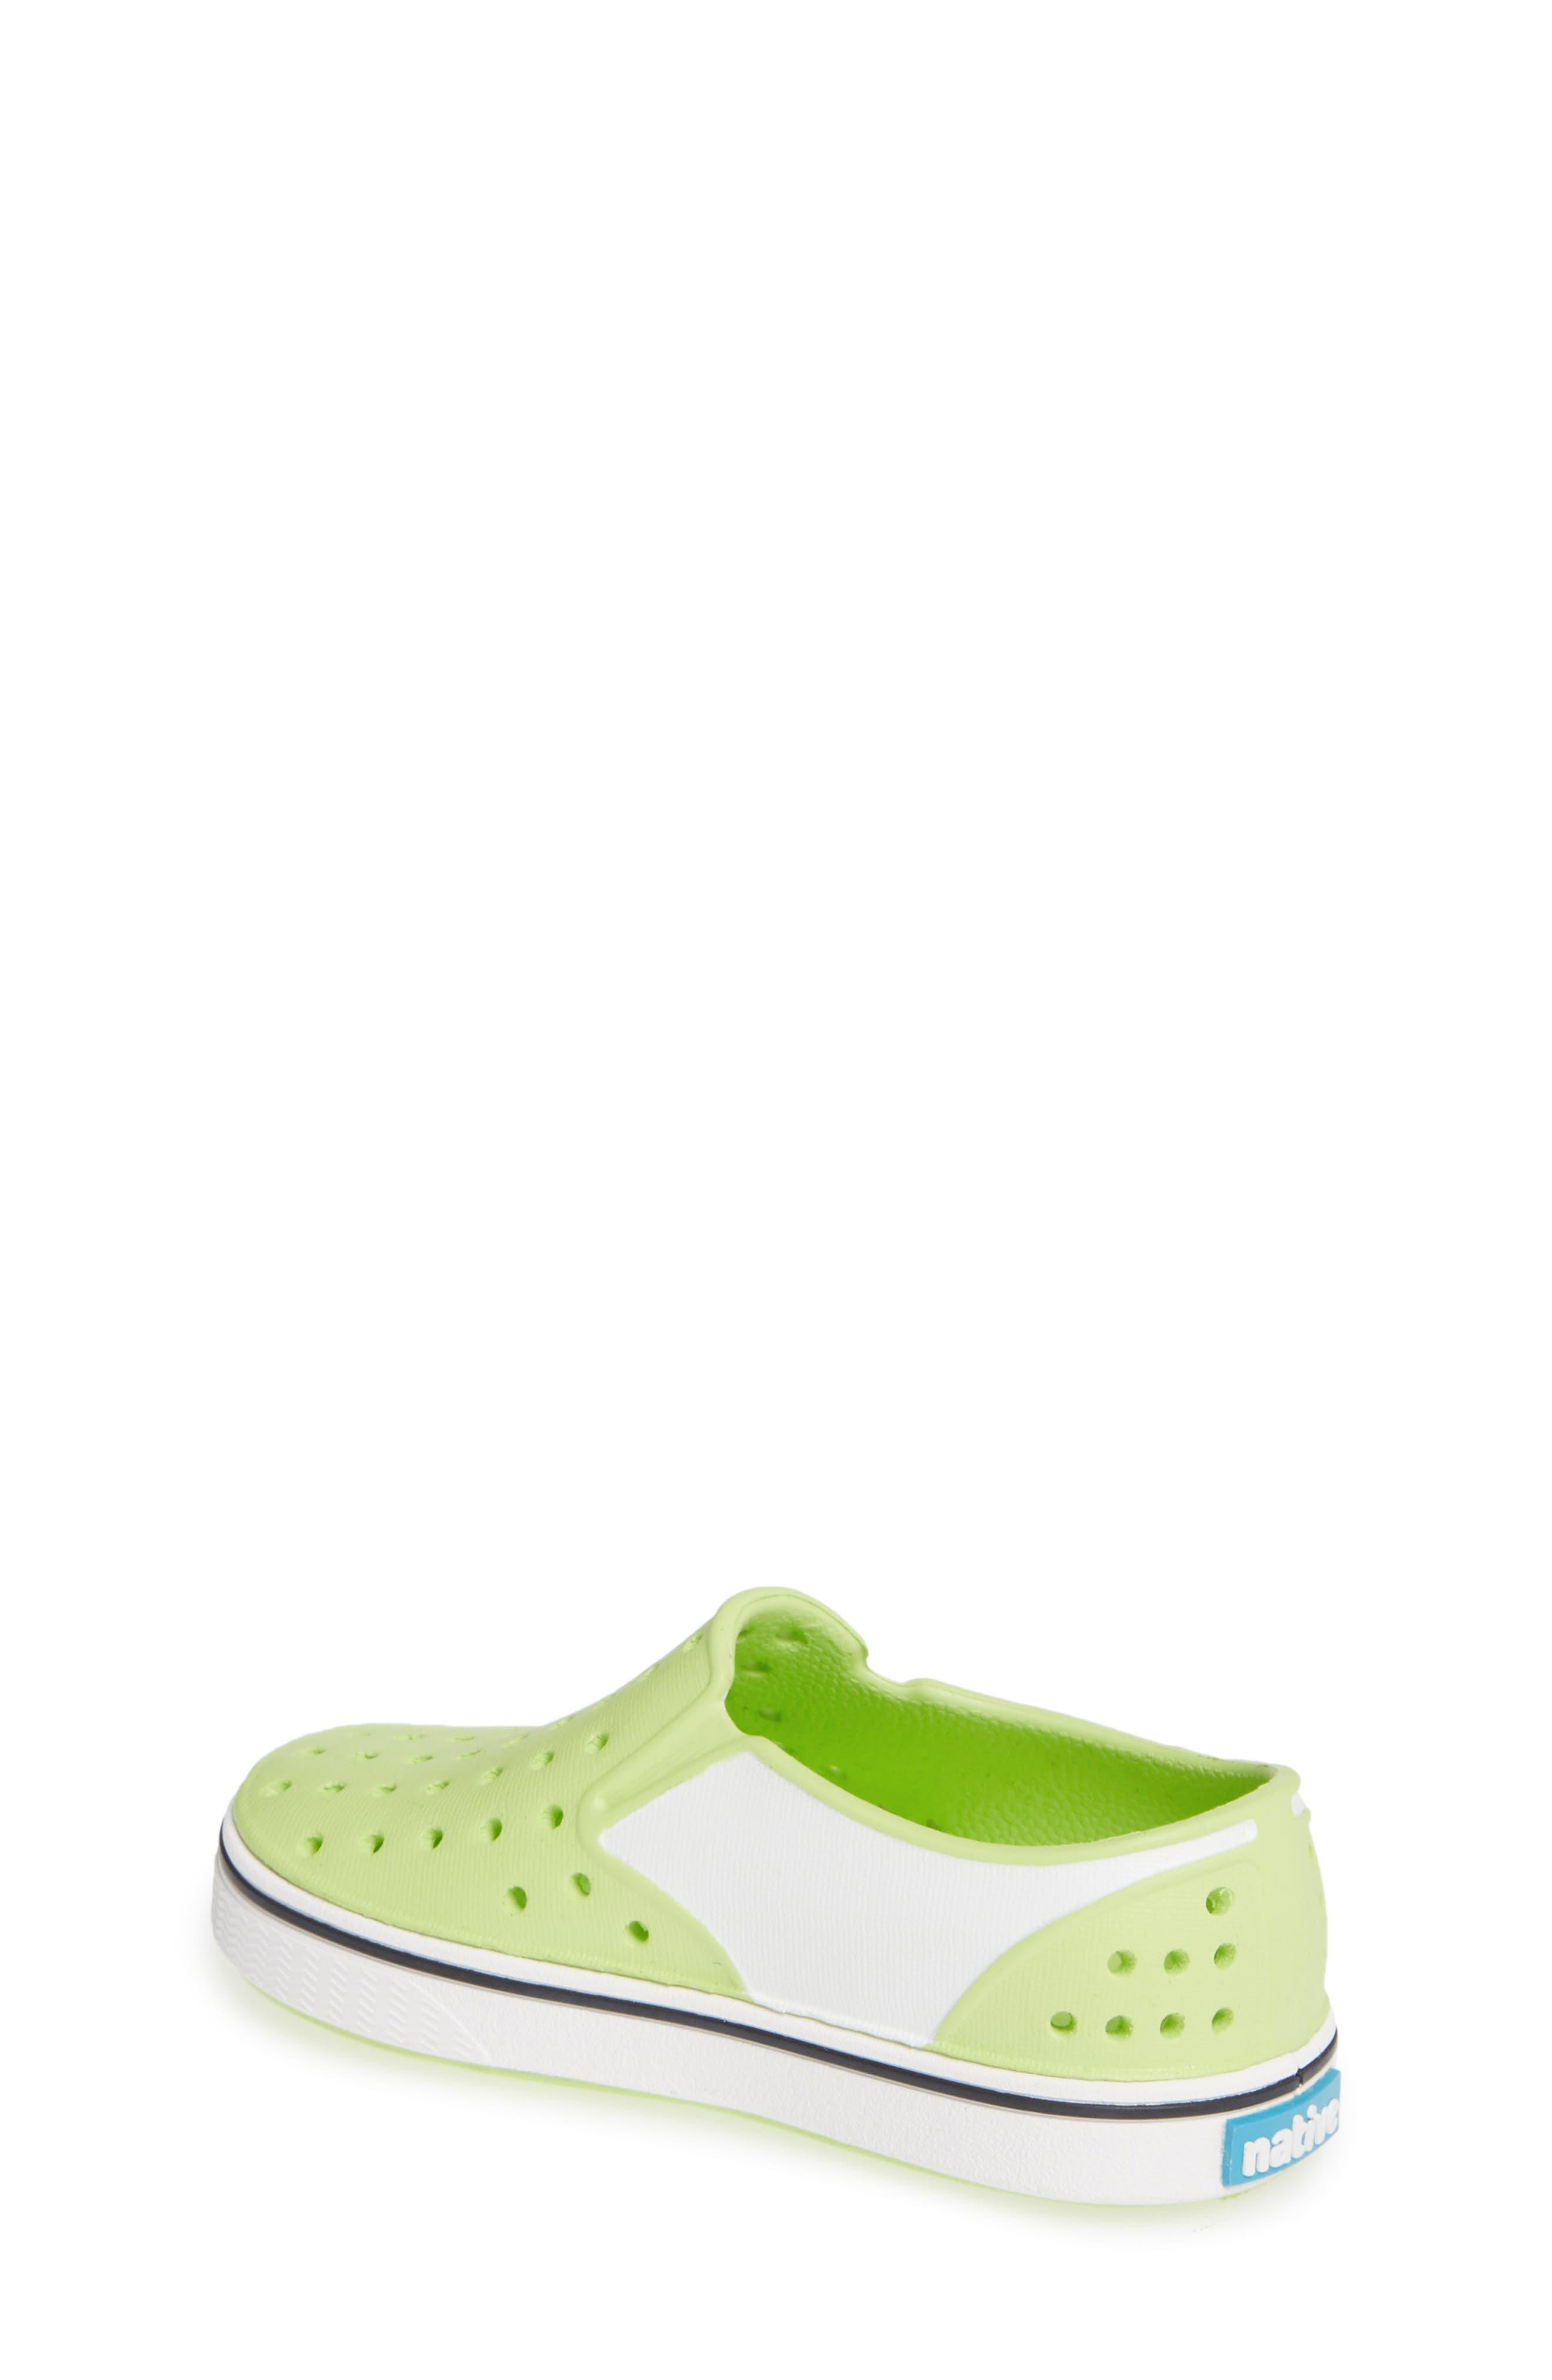 Miles Colorblock Slip-On Sneaker,                             Alternate thumbnail 2, color,                             SUNNY GREEN/ SHELL WHITE